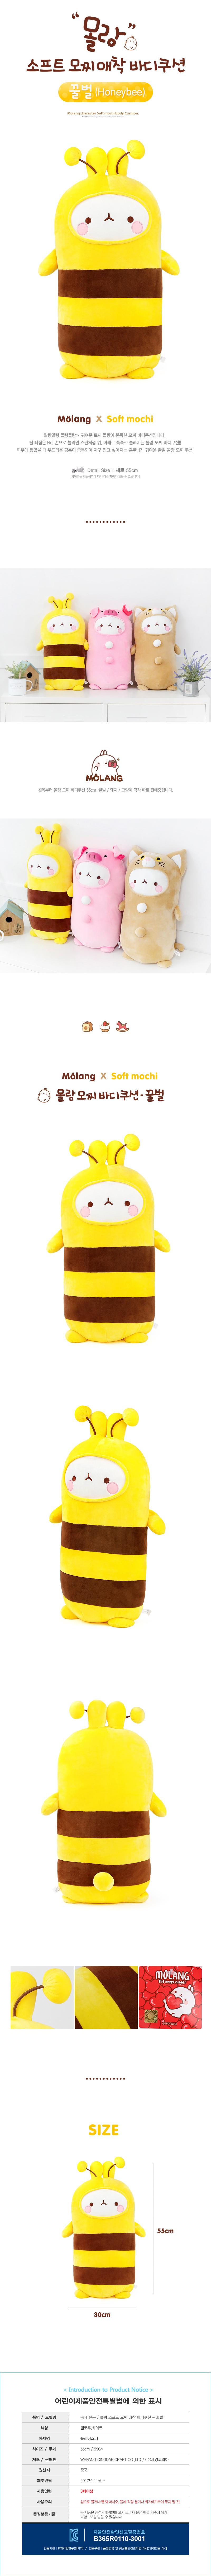 몰랑 소프트 모찌 애착 바디쿠션-꿀벌(55cm)26,730원-누리토이즈키덜트/취미, 패브릭인형, 캐릭터인형, 몰랑이바보사랑몰랑 소프트 모찌 애착 바디쿠션-꿀벌(55cm)26,730원-누리토이즈키덜트/취미, 패브릭인형, 캐릭터인형, 몰랑이바보사랑